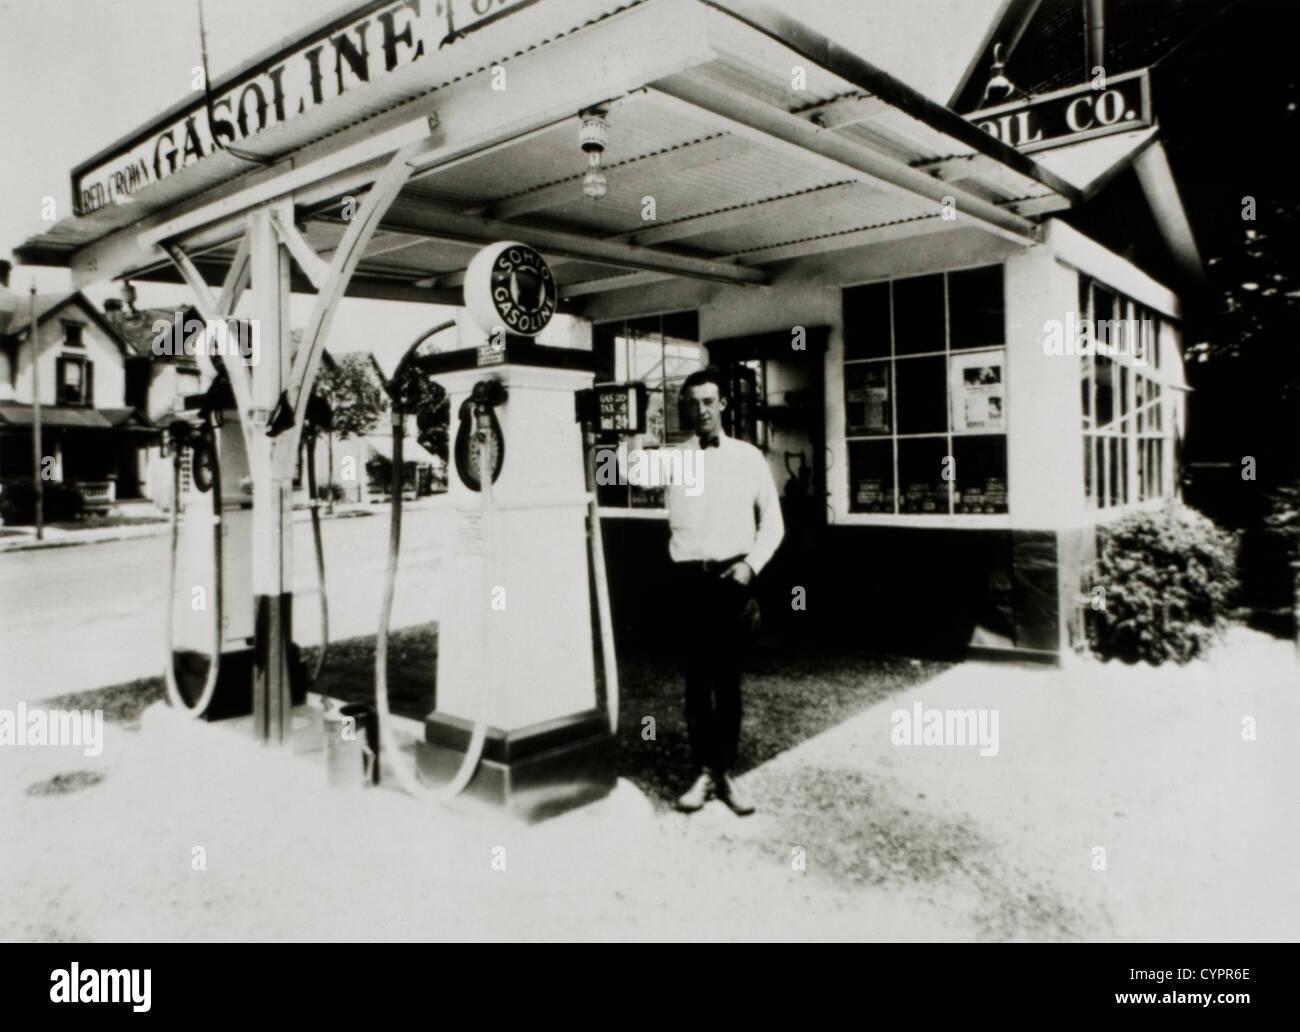 Uomo in piedi accanto alla pompa di benzina alla stazione di benzina, Dayton, Ohio, USA, 1931 Immagini Stock